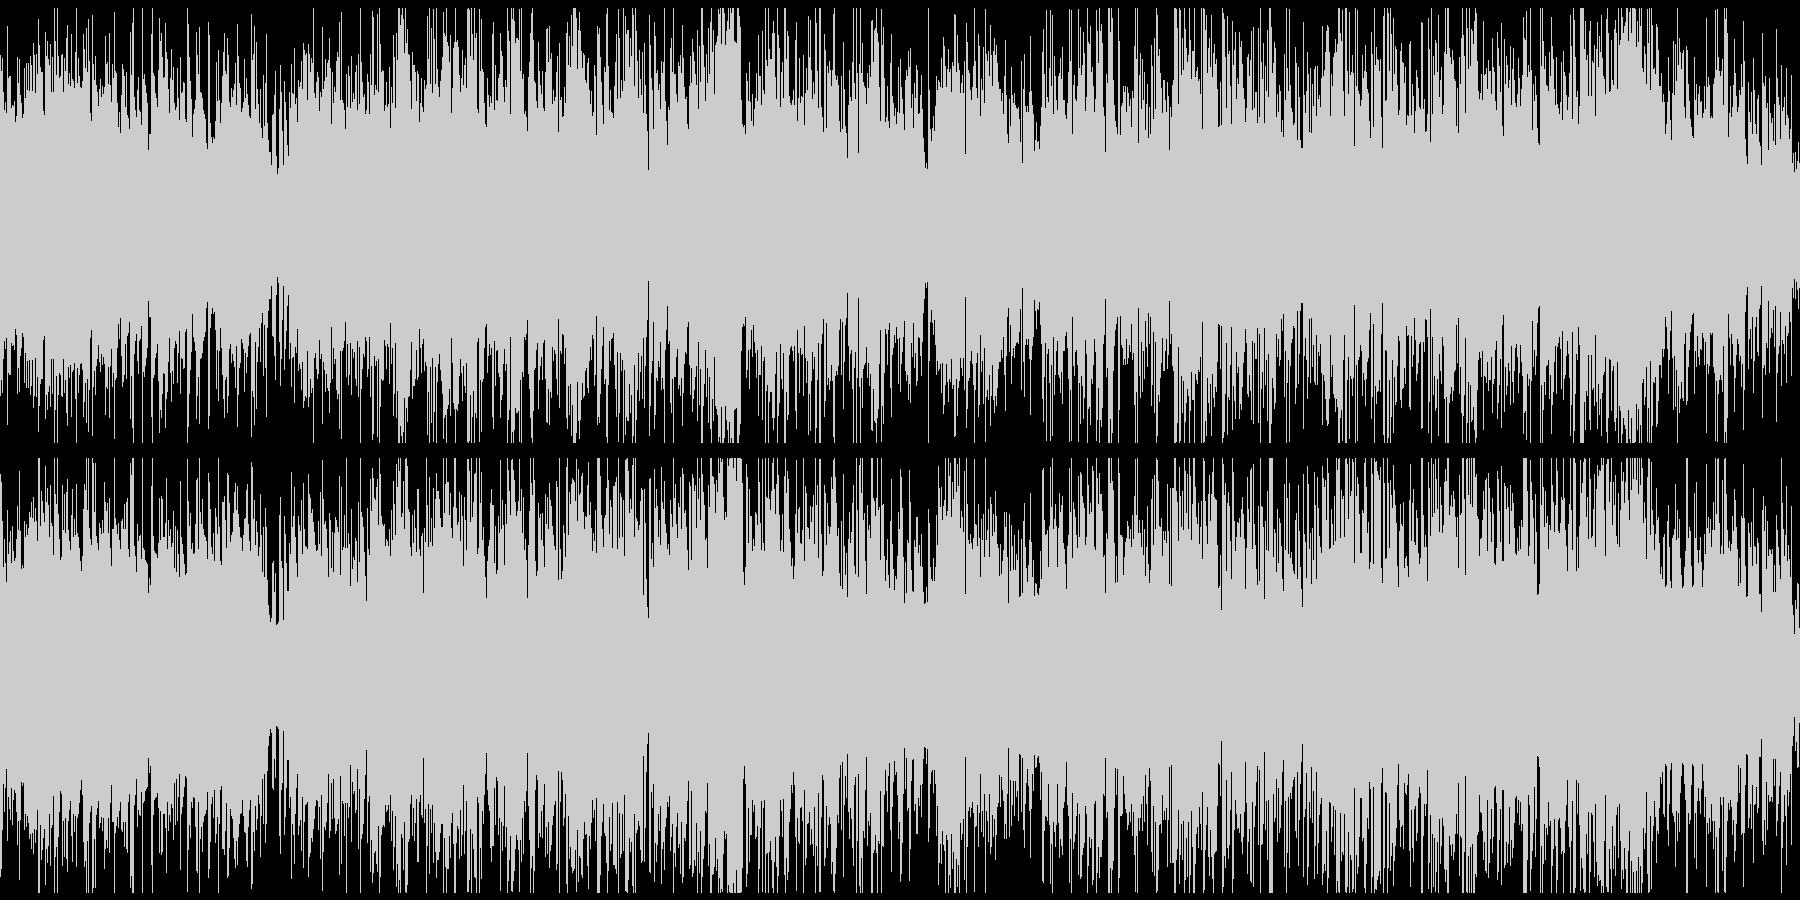 アップテンポなインテリ系ボッサ※ループ版の未再生の波形